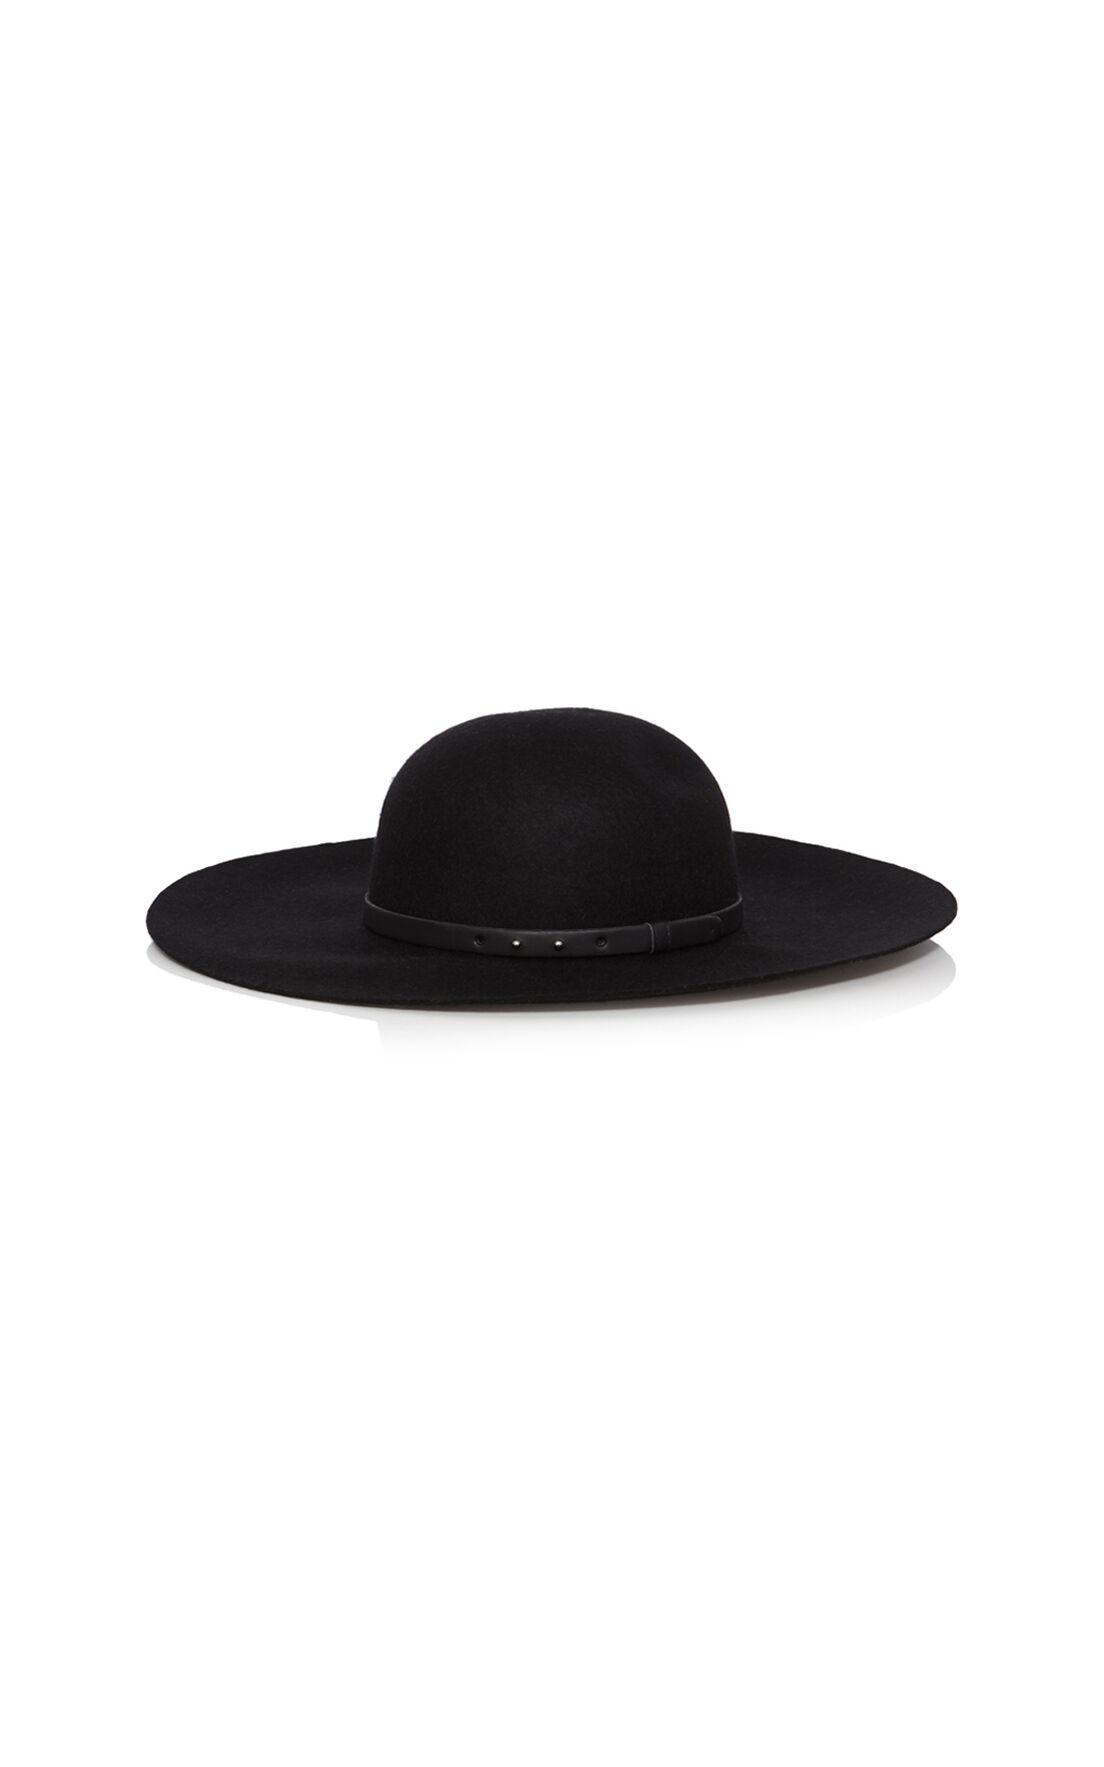 Karen Millen, 70's floppy hat Black 0